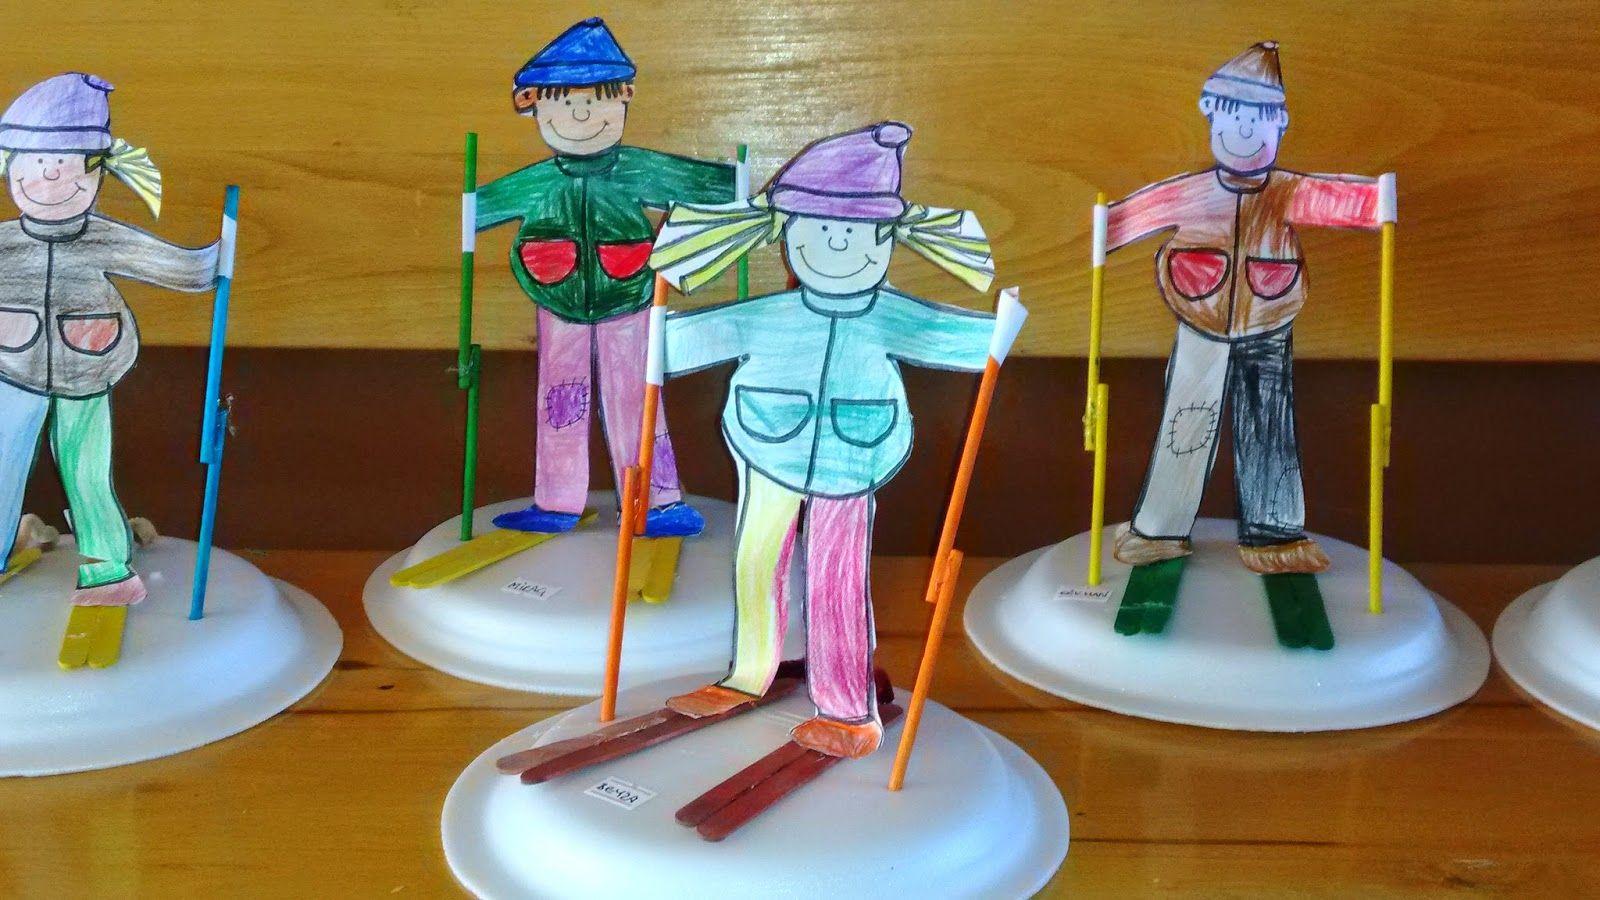 Kayak Yapan çocuklar Okul öncesi çocuklar Için çok Güzel Bir